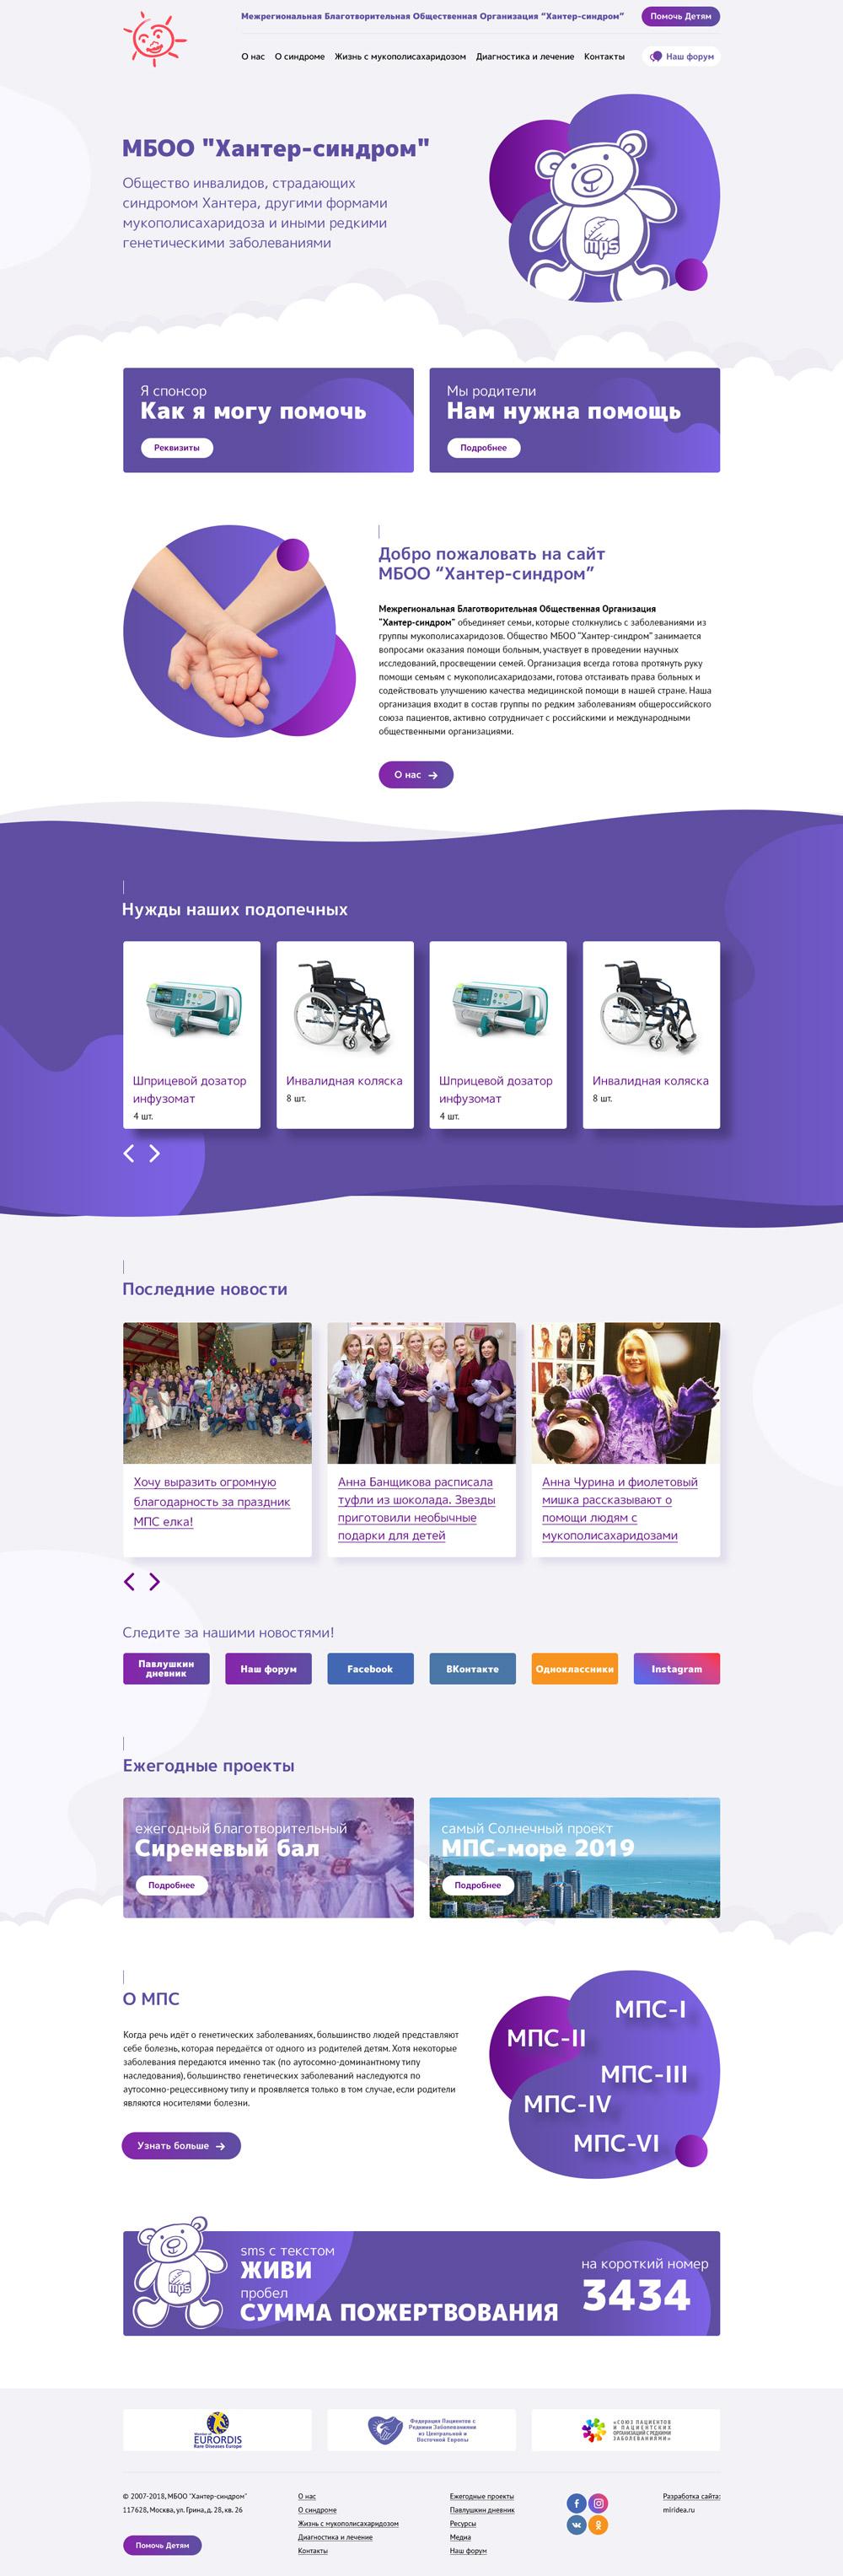 Хантер синдром - благотворительная организация (ModX)